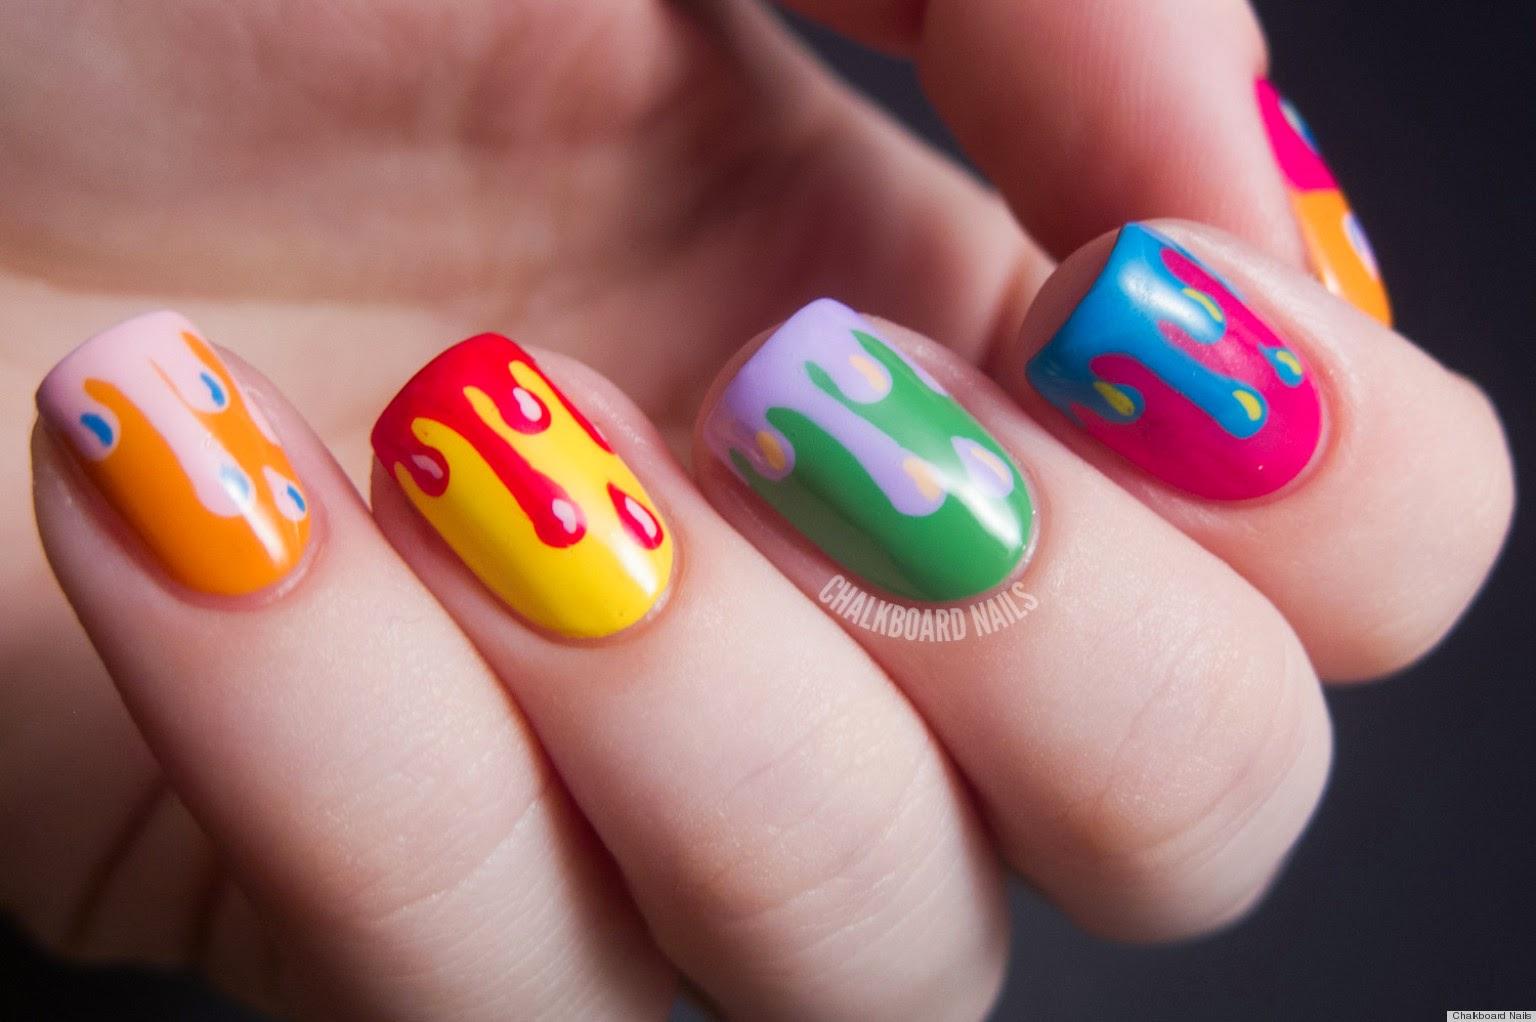 diseño de uñas muy colorido